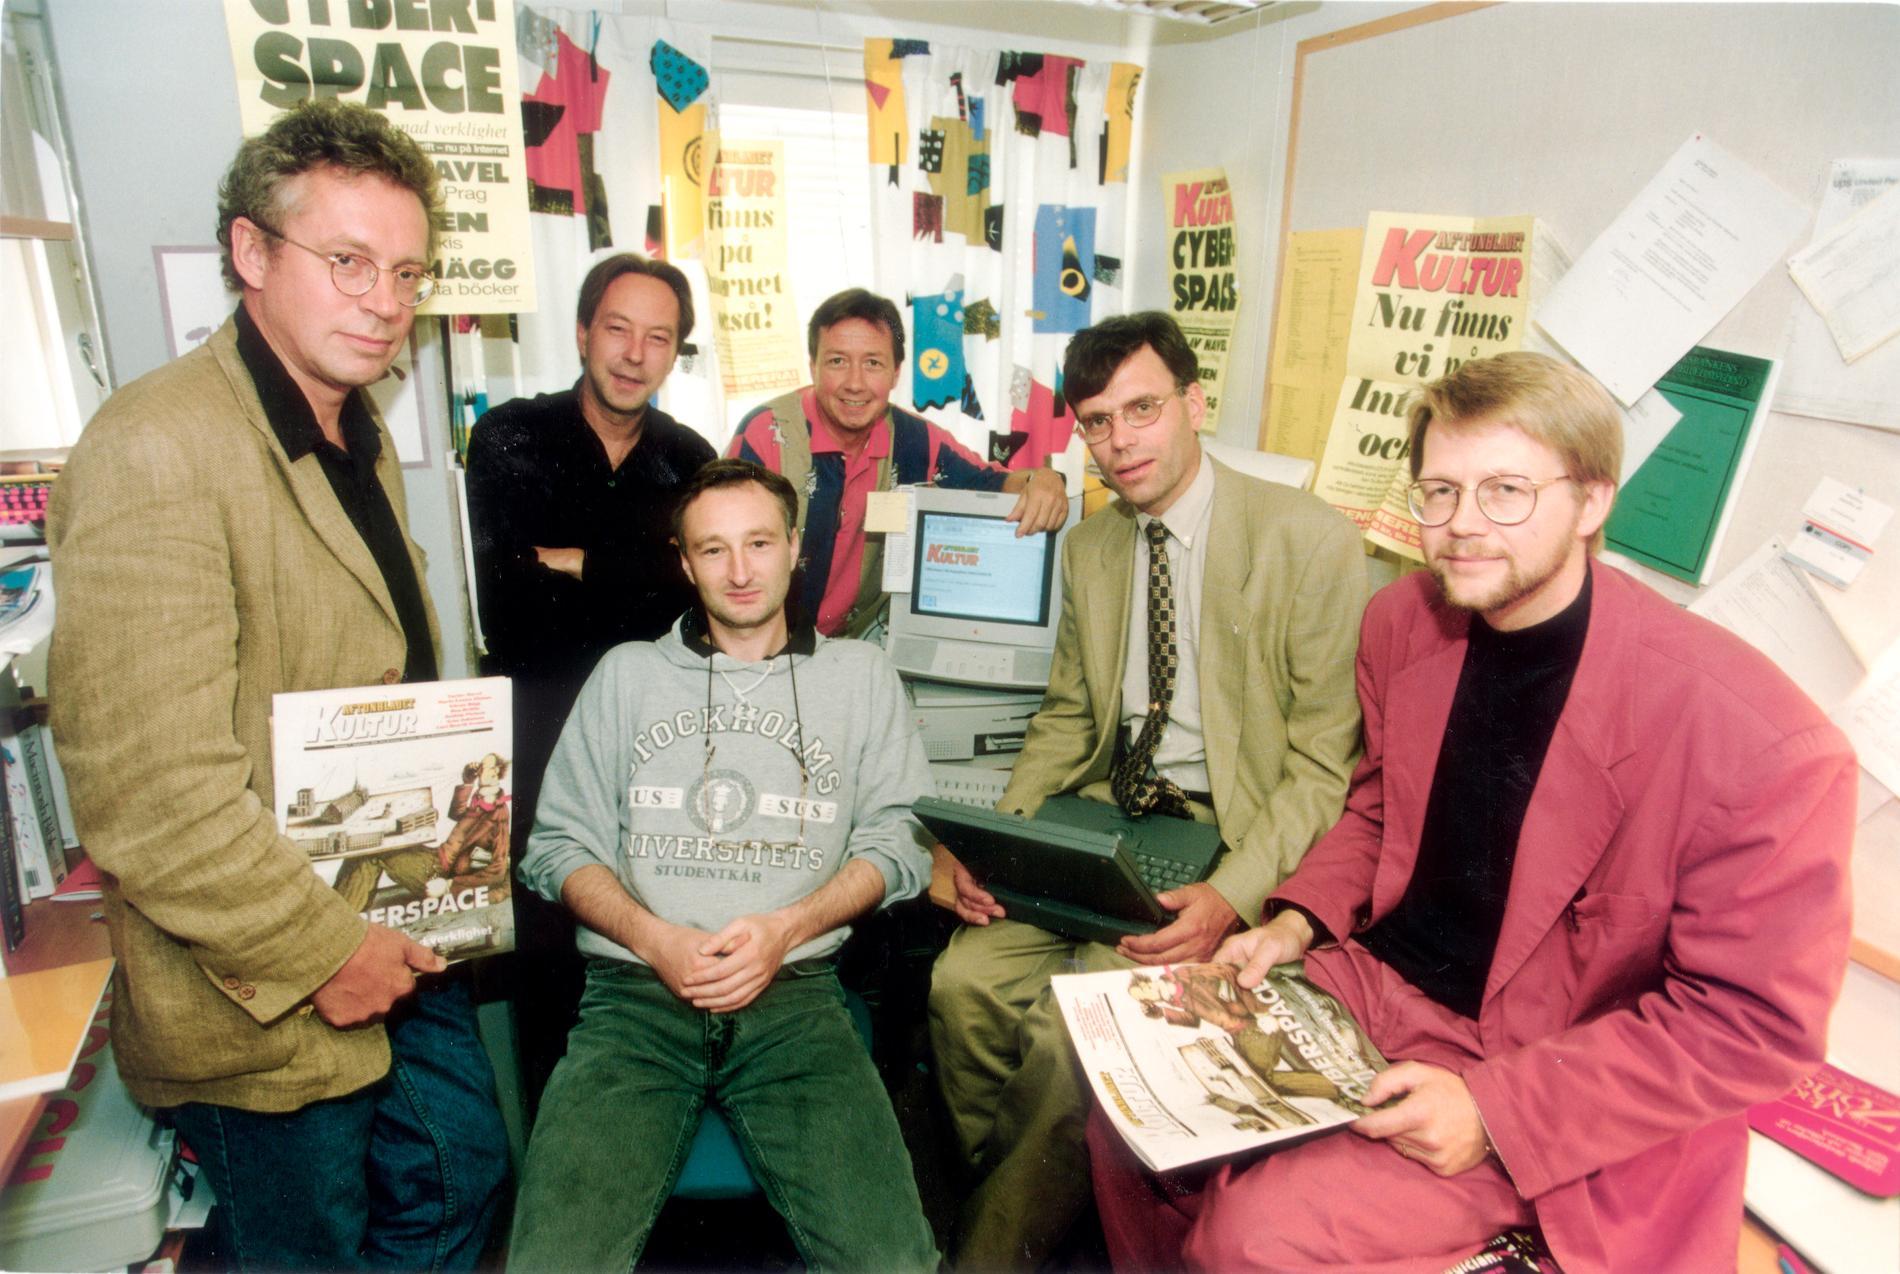 Den 25 augusti 1994 föddes Aftonbladet.se. Här är gänget som gjorde det: (fr v) Håkan Jaensson och Anders Paulrud från Aftonbladets kulturredaktion, Mark Comerford från JMK, Bo Hedin från Aftonbladet, Aftonbladets vd Gunnar Strömblad och Thorbjörn Lindskog, JMK.